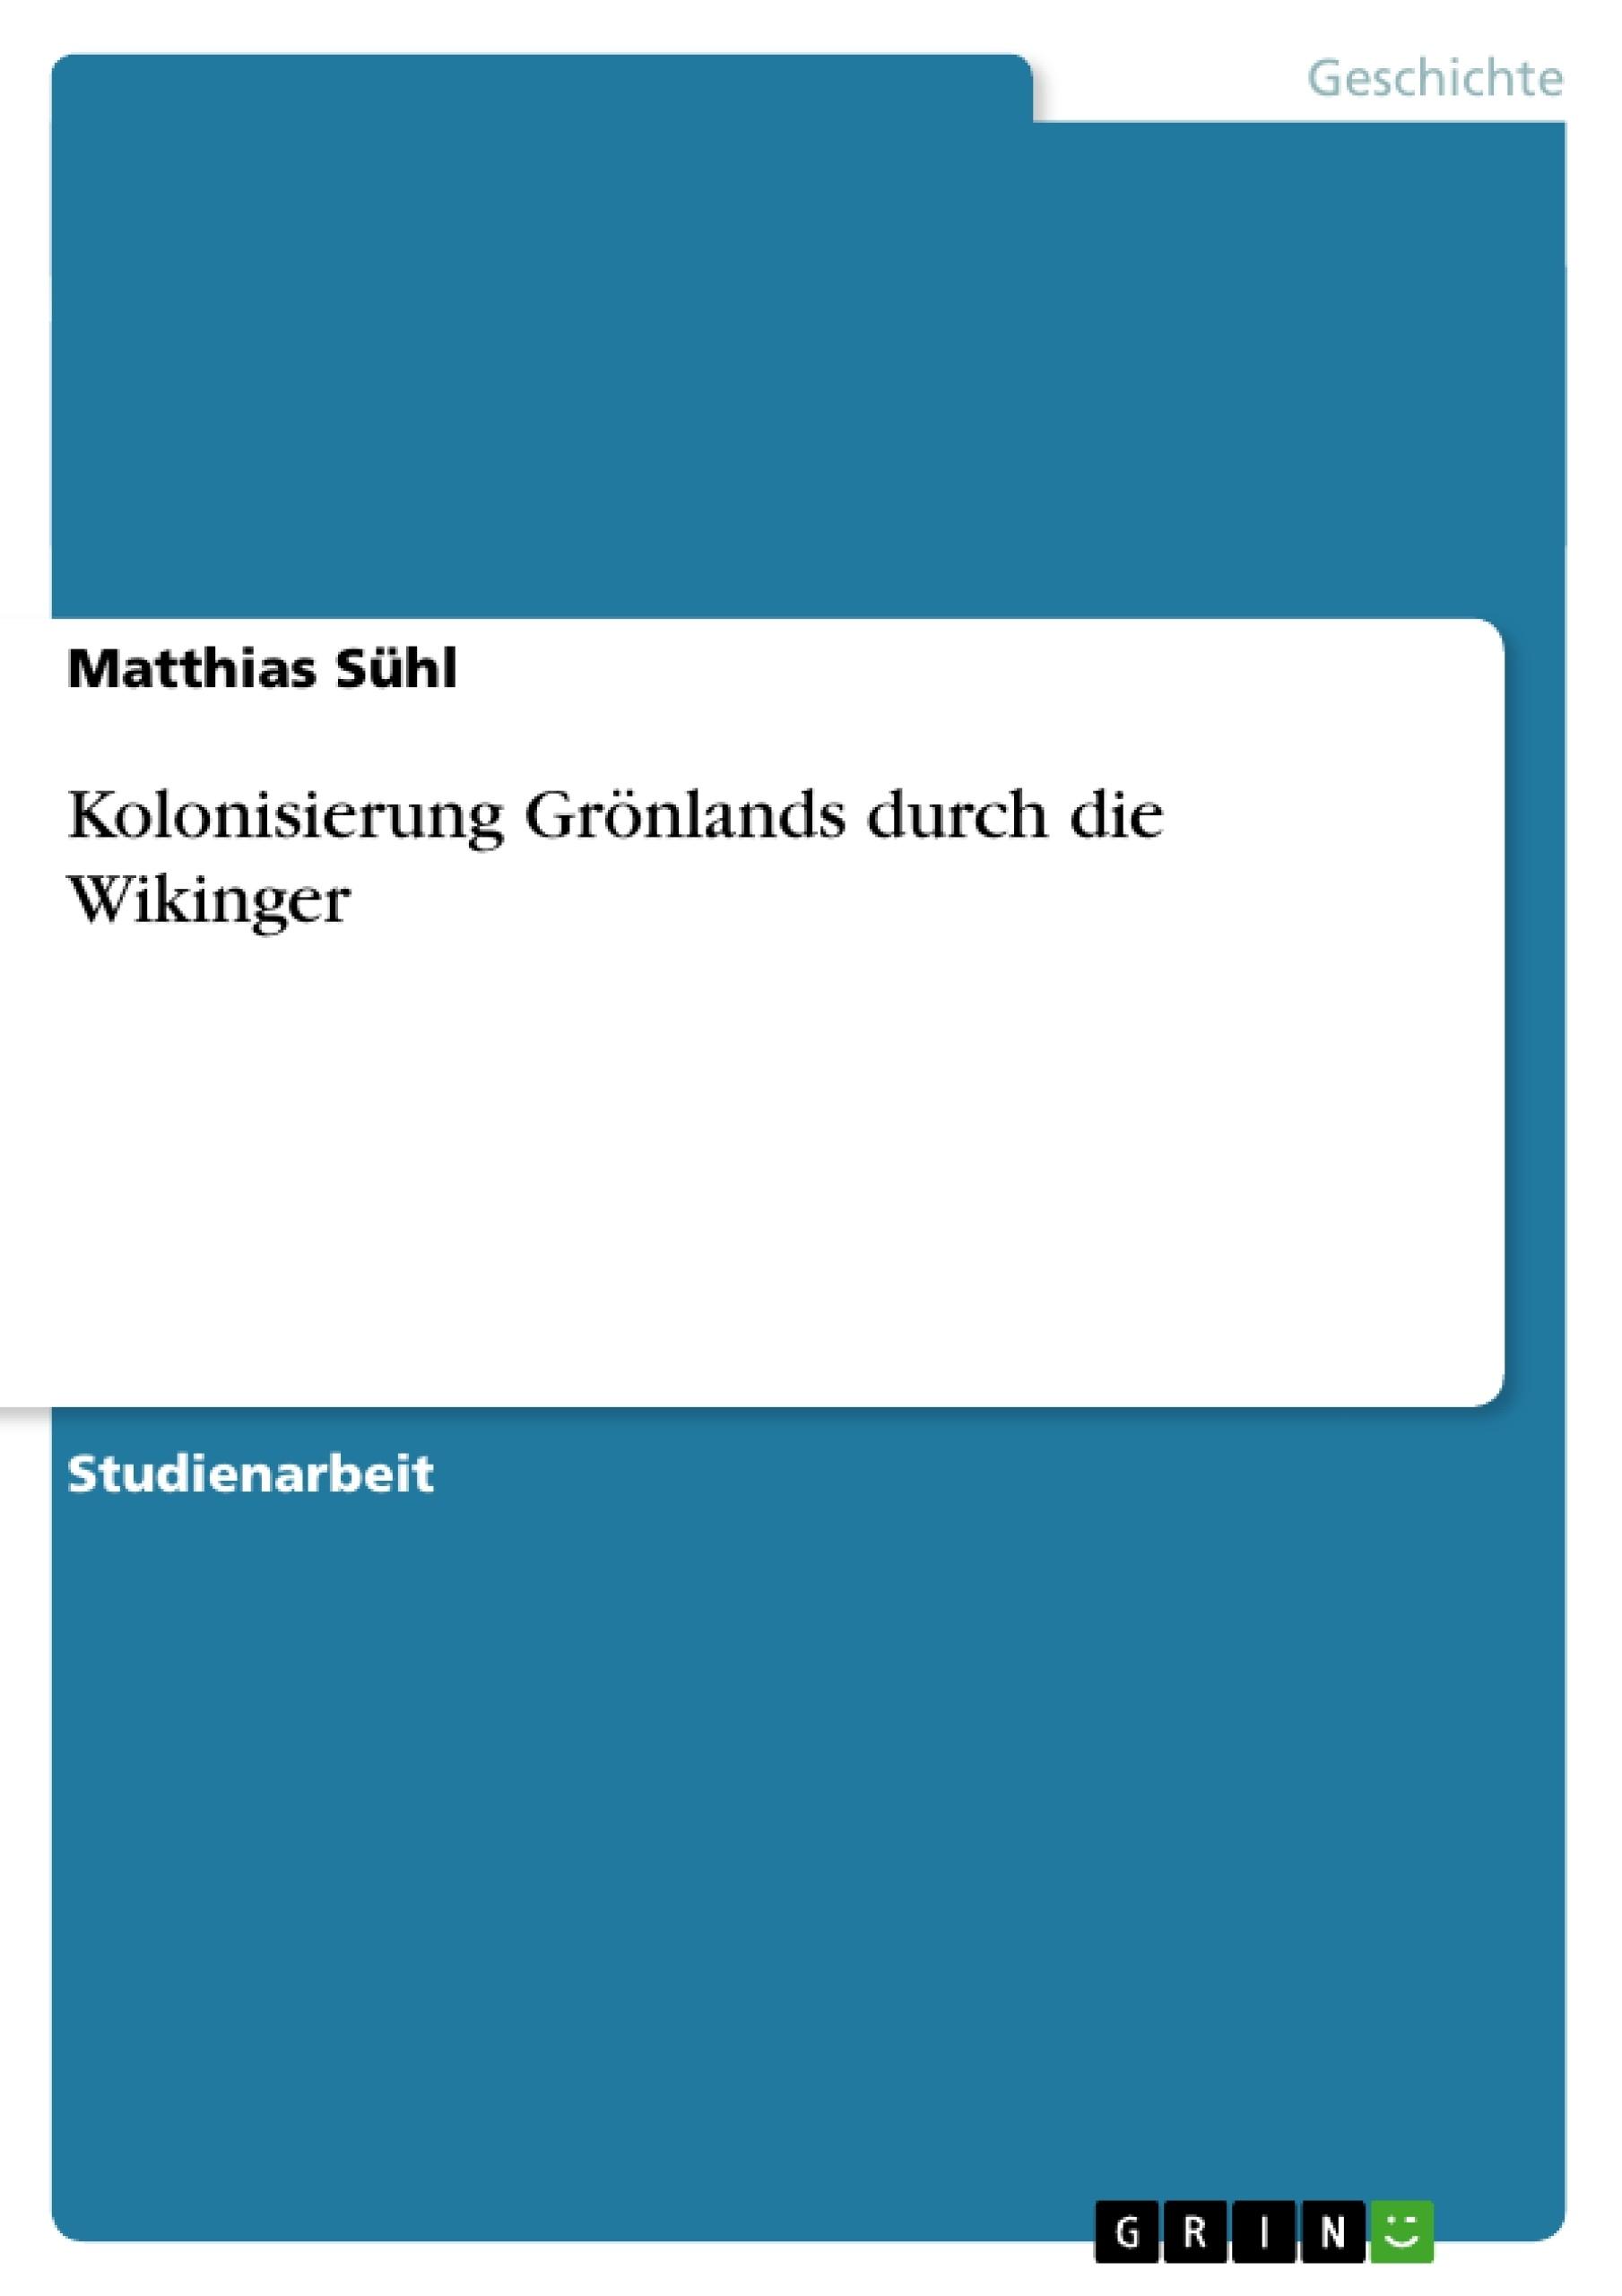 Titel: Kolonisierung Grönlands durch die Wikinger